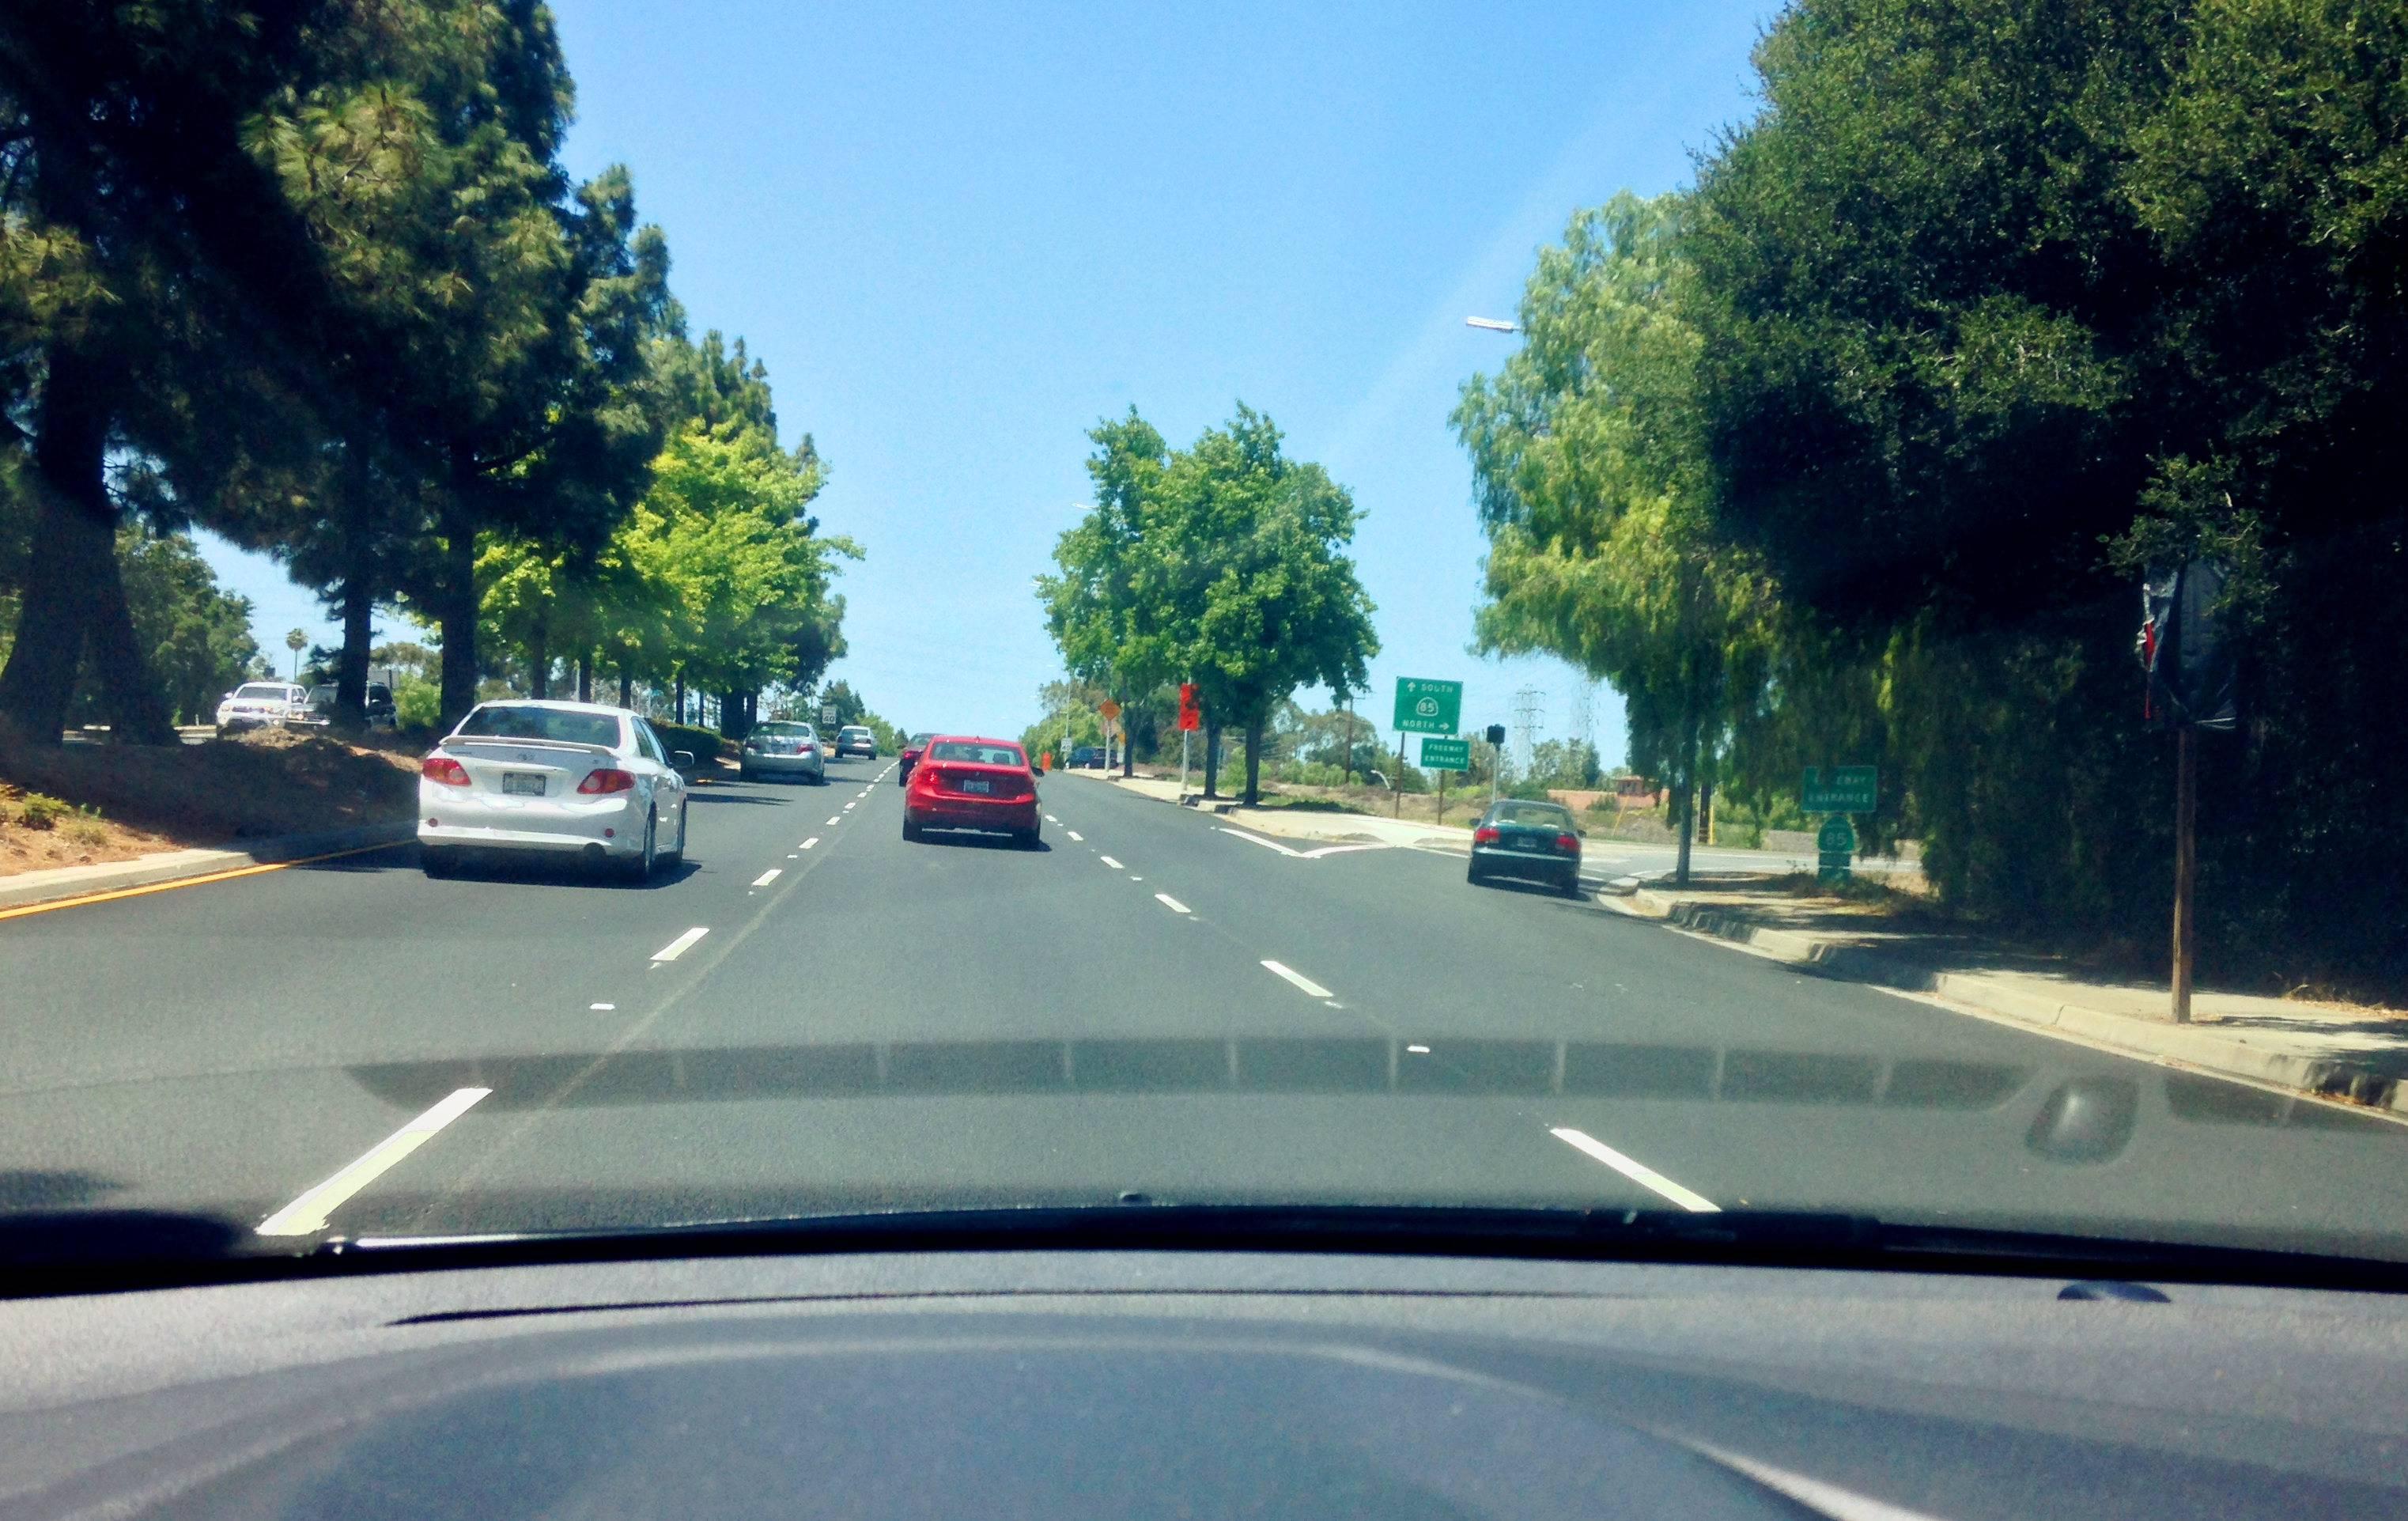 加州的公路大多拥有清晰的道路标识